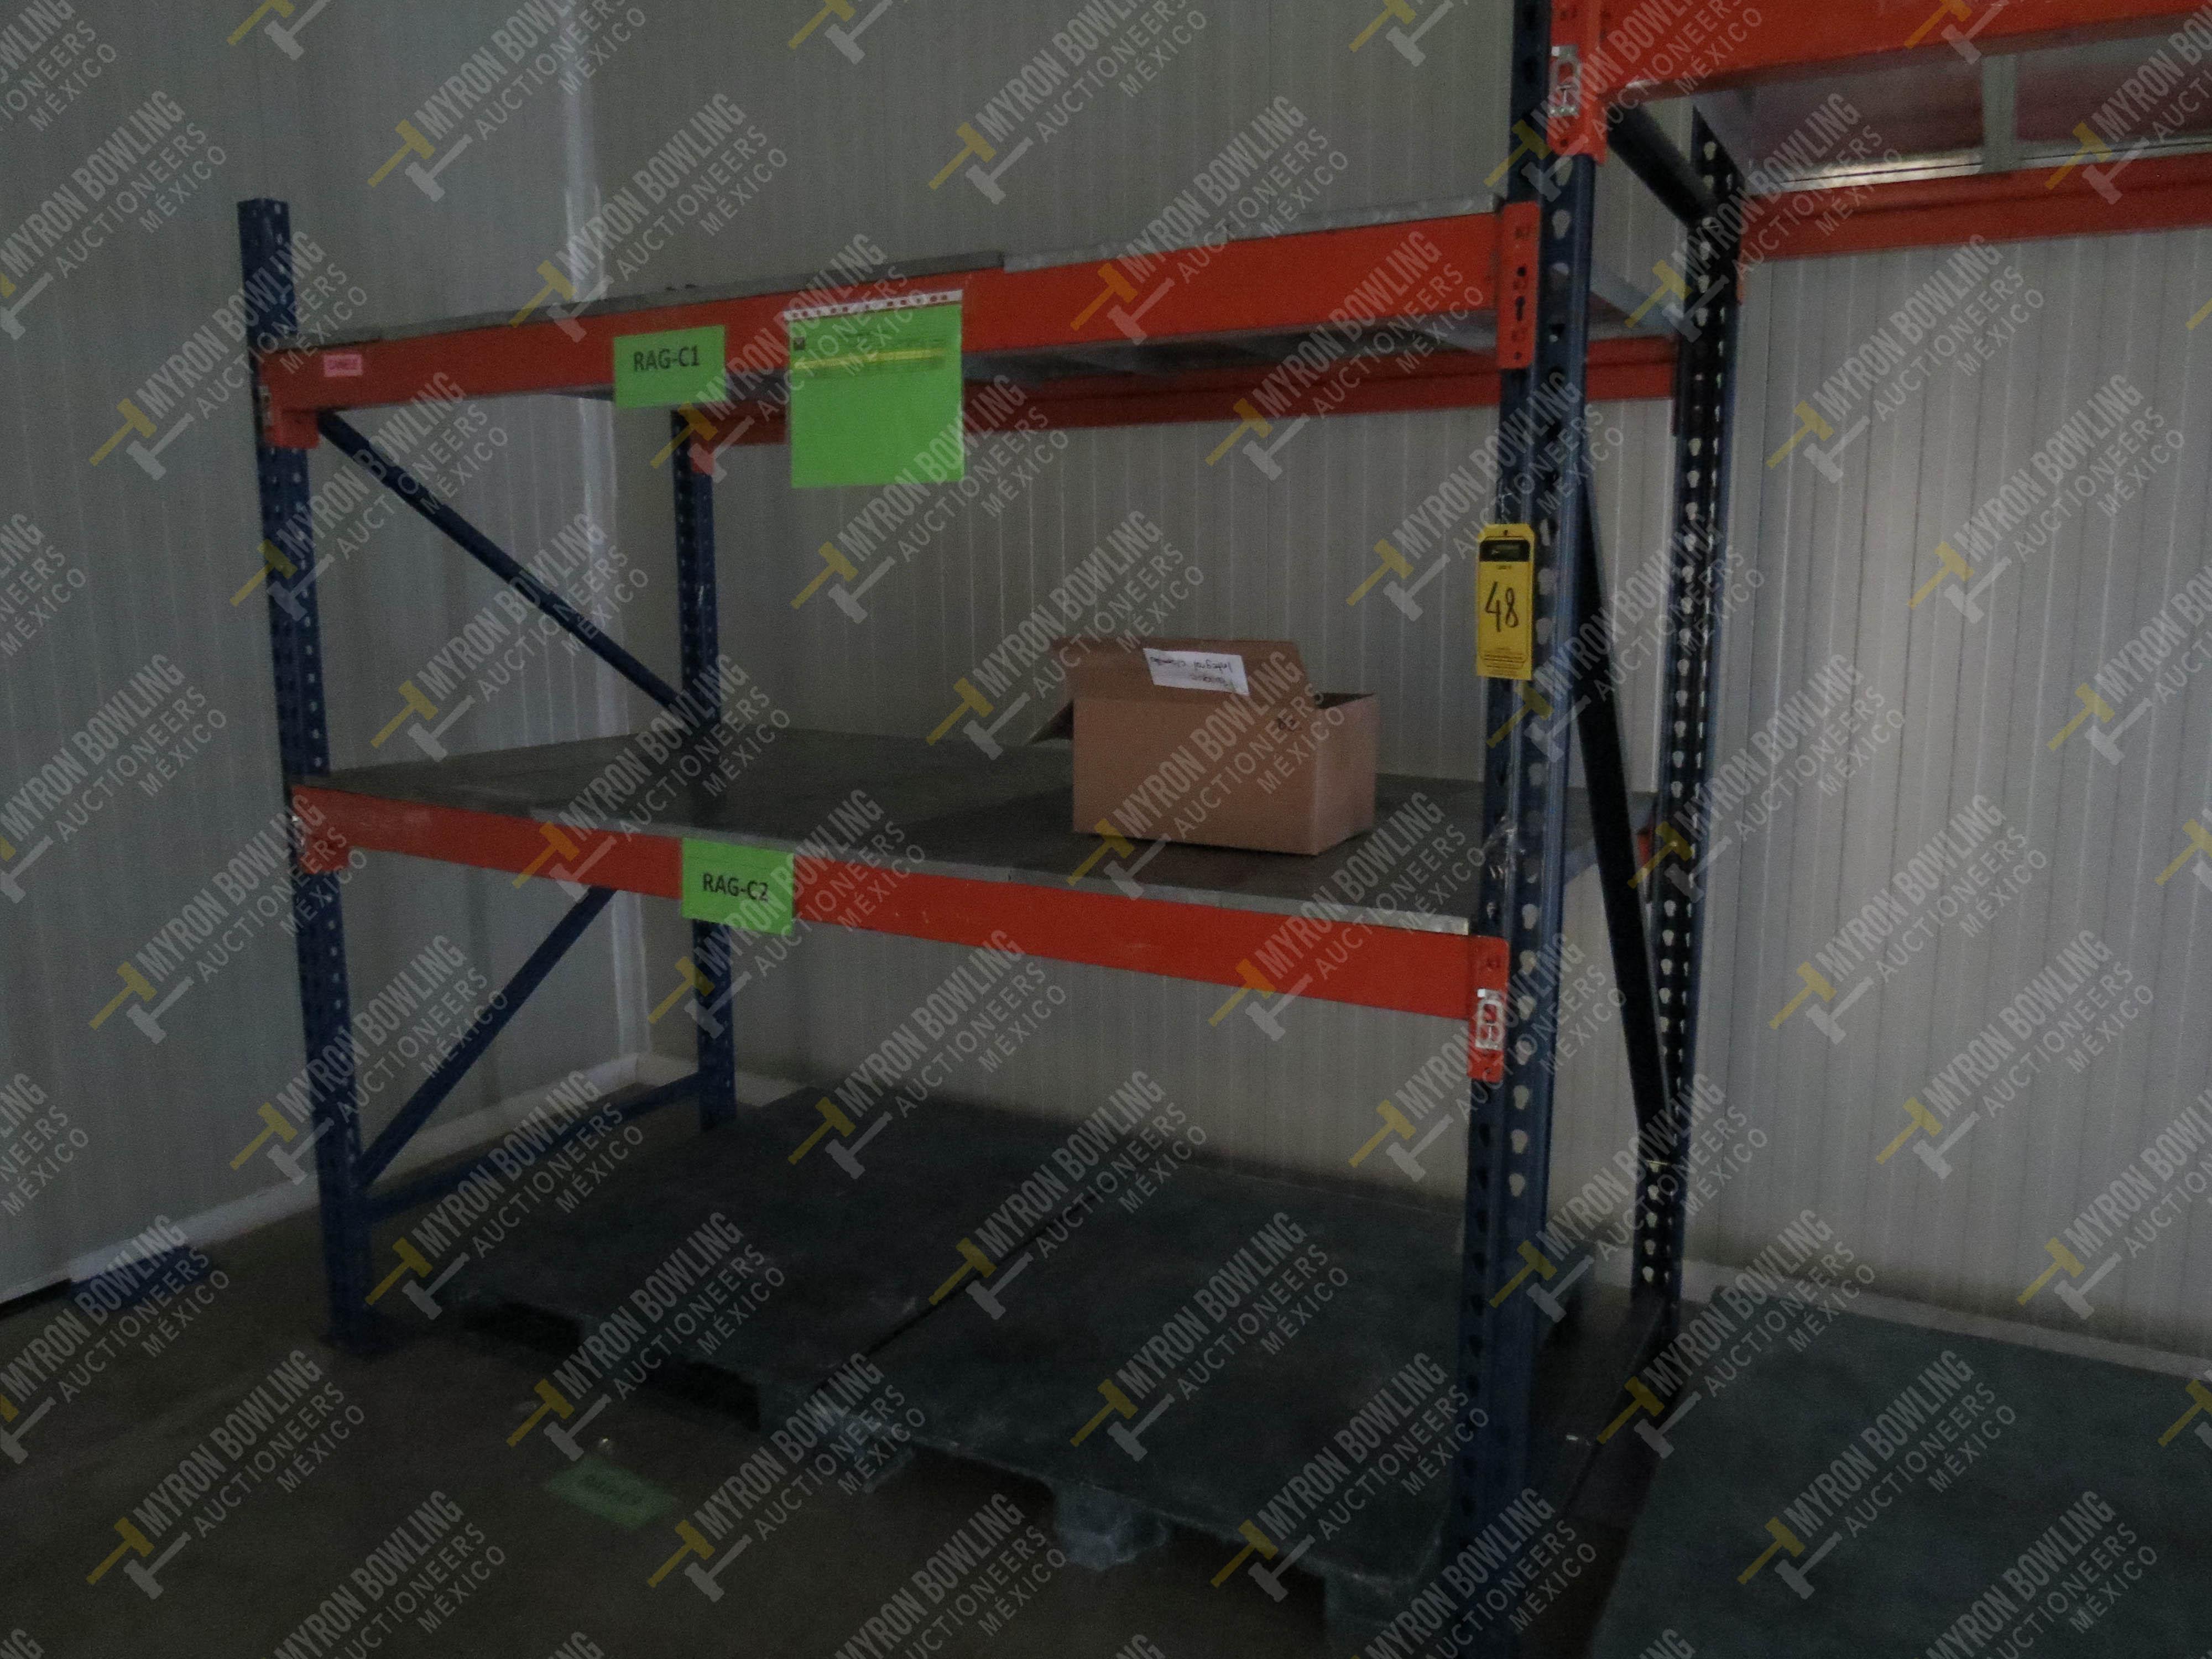 Rack de carga de 9 postes de 1.07 x 4 con 20 travesaños de 2.20 m, se incluye un poste … - Image 2 of 5